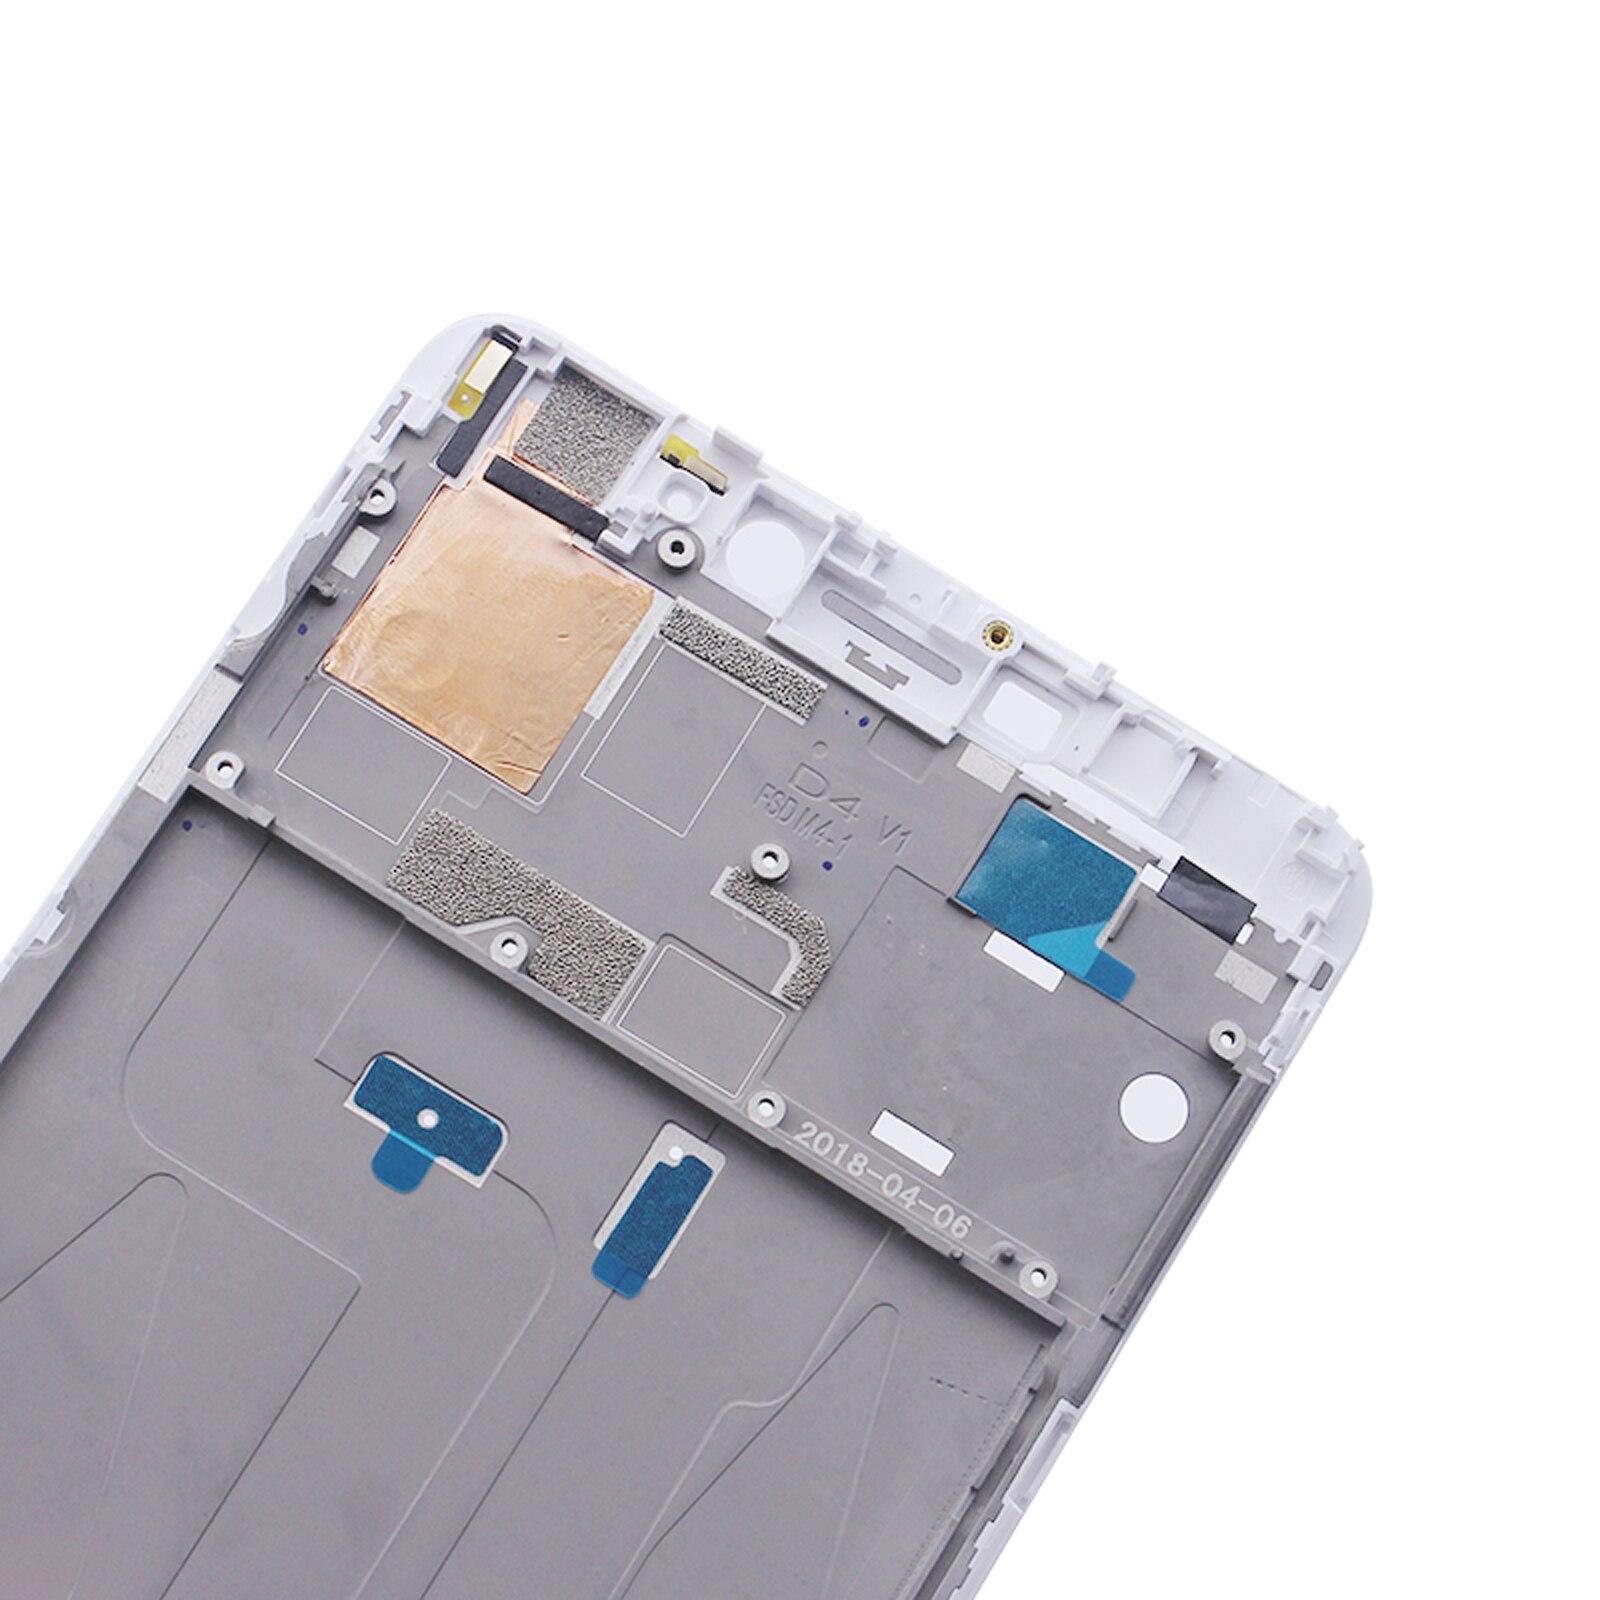 """מקרנים ופלאזמות Shyueda על המקורי בניו 6.44"""" במשך Xiaomi Mi מקס 2 MDE40 MDi40 MDT40 קדמי מסגרת התיכון מסך Bezel והשיכון (5)"""